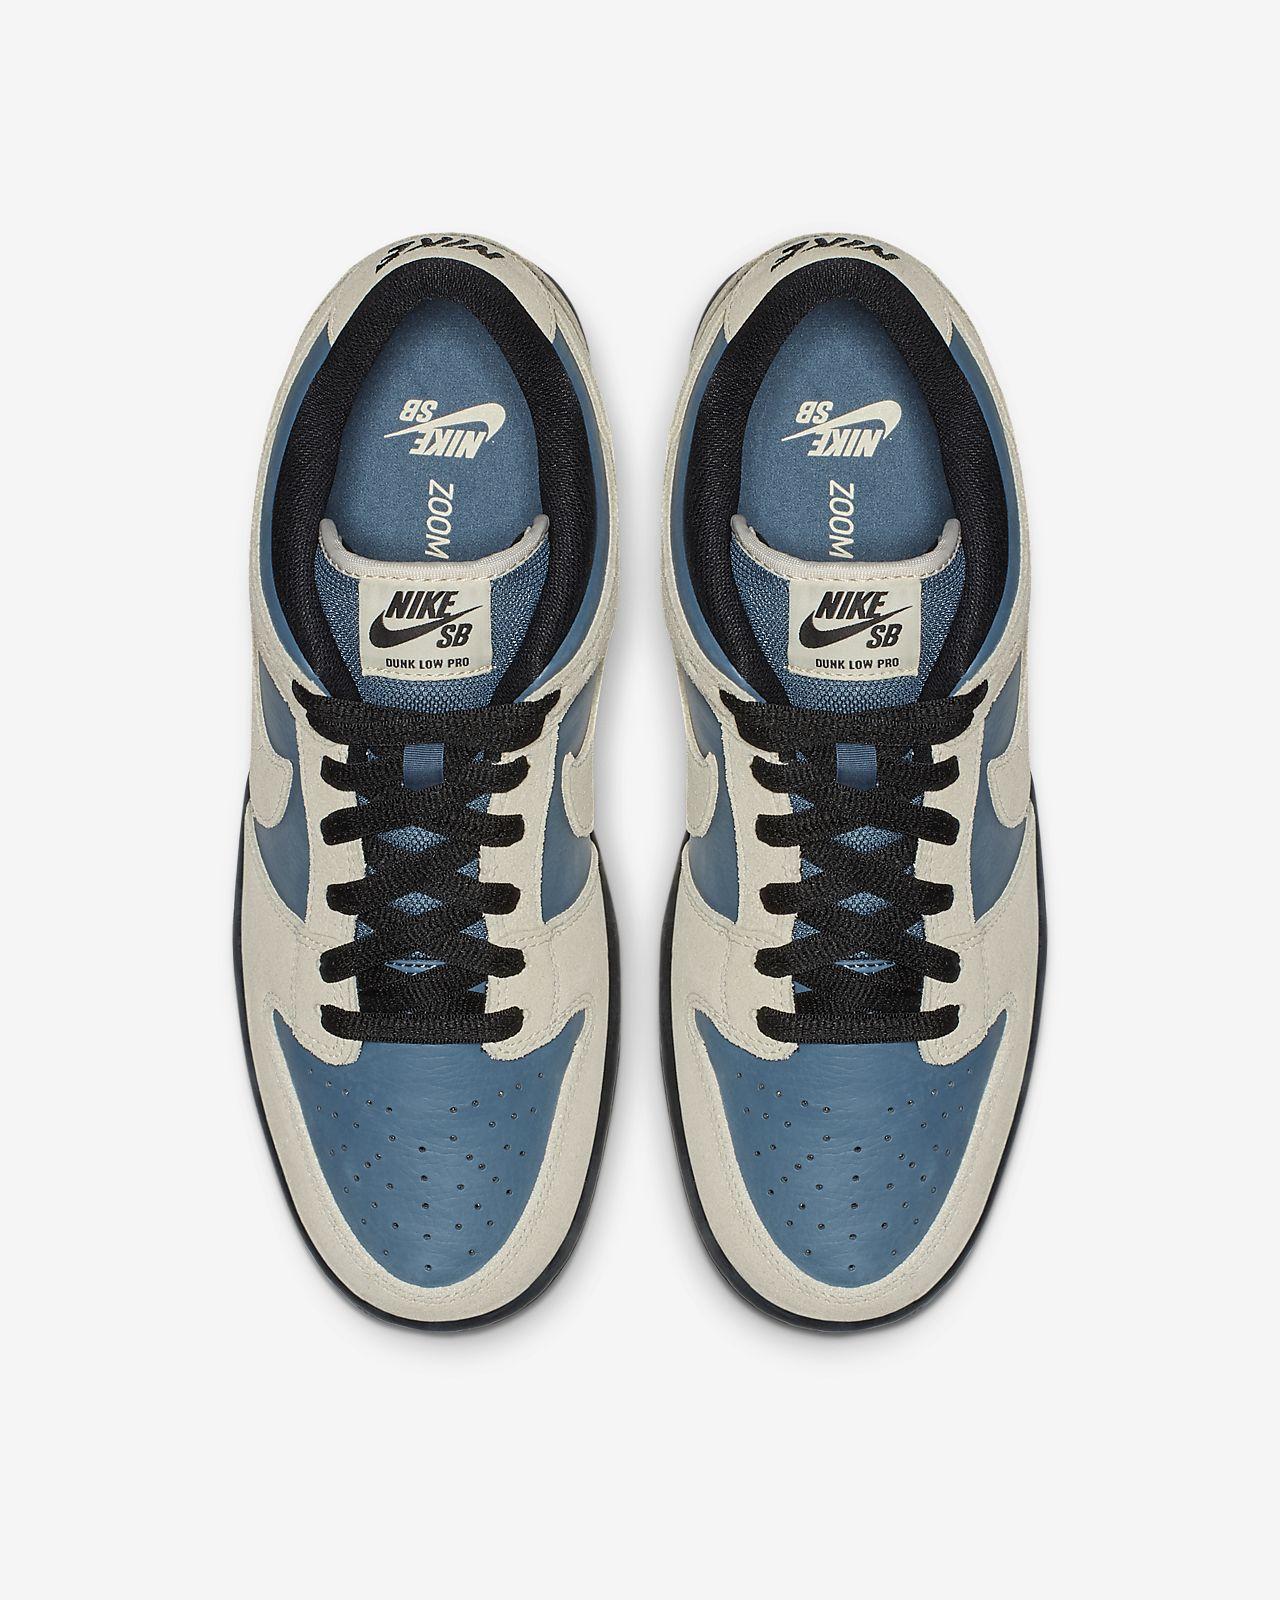 ab6f72c4c26642 Nike SB Dunk Low Pro Skate Shoe. Nike.com AU